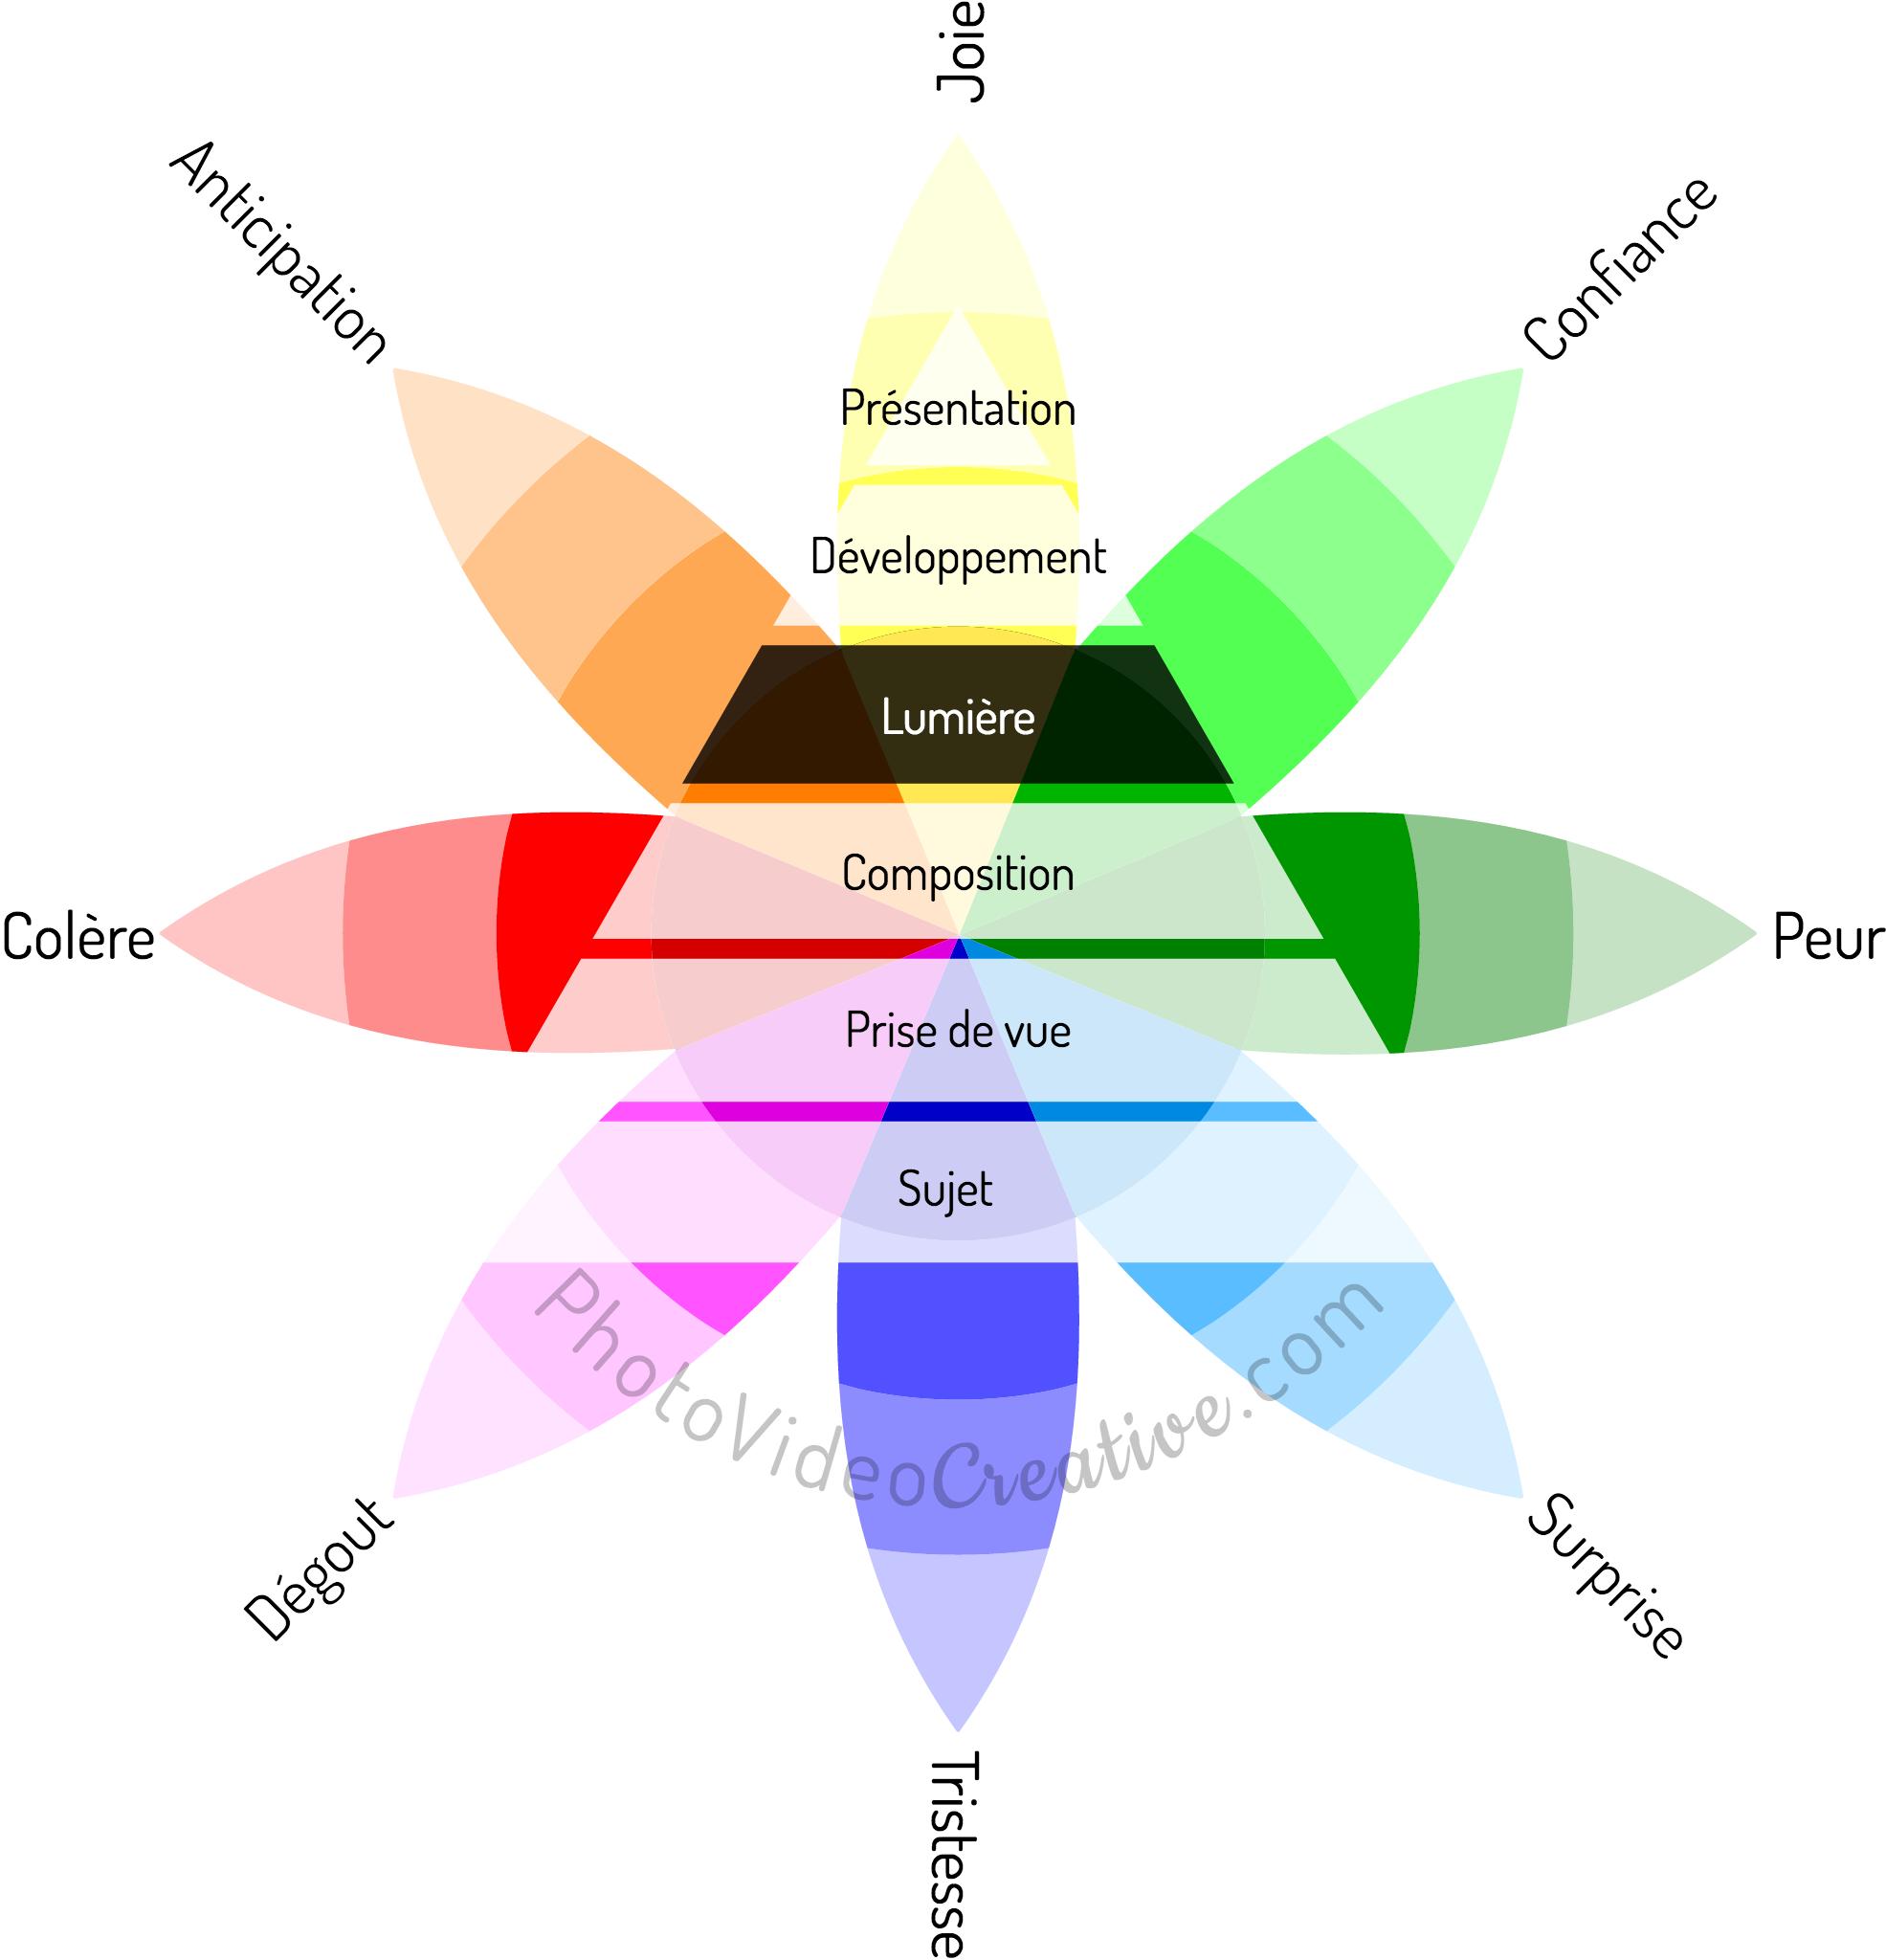 La lumière : le 4e niveau parmi les 6 de techniques photographiques pour capturer et partager ses émotions